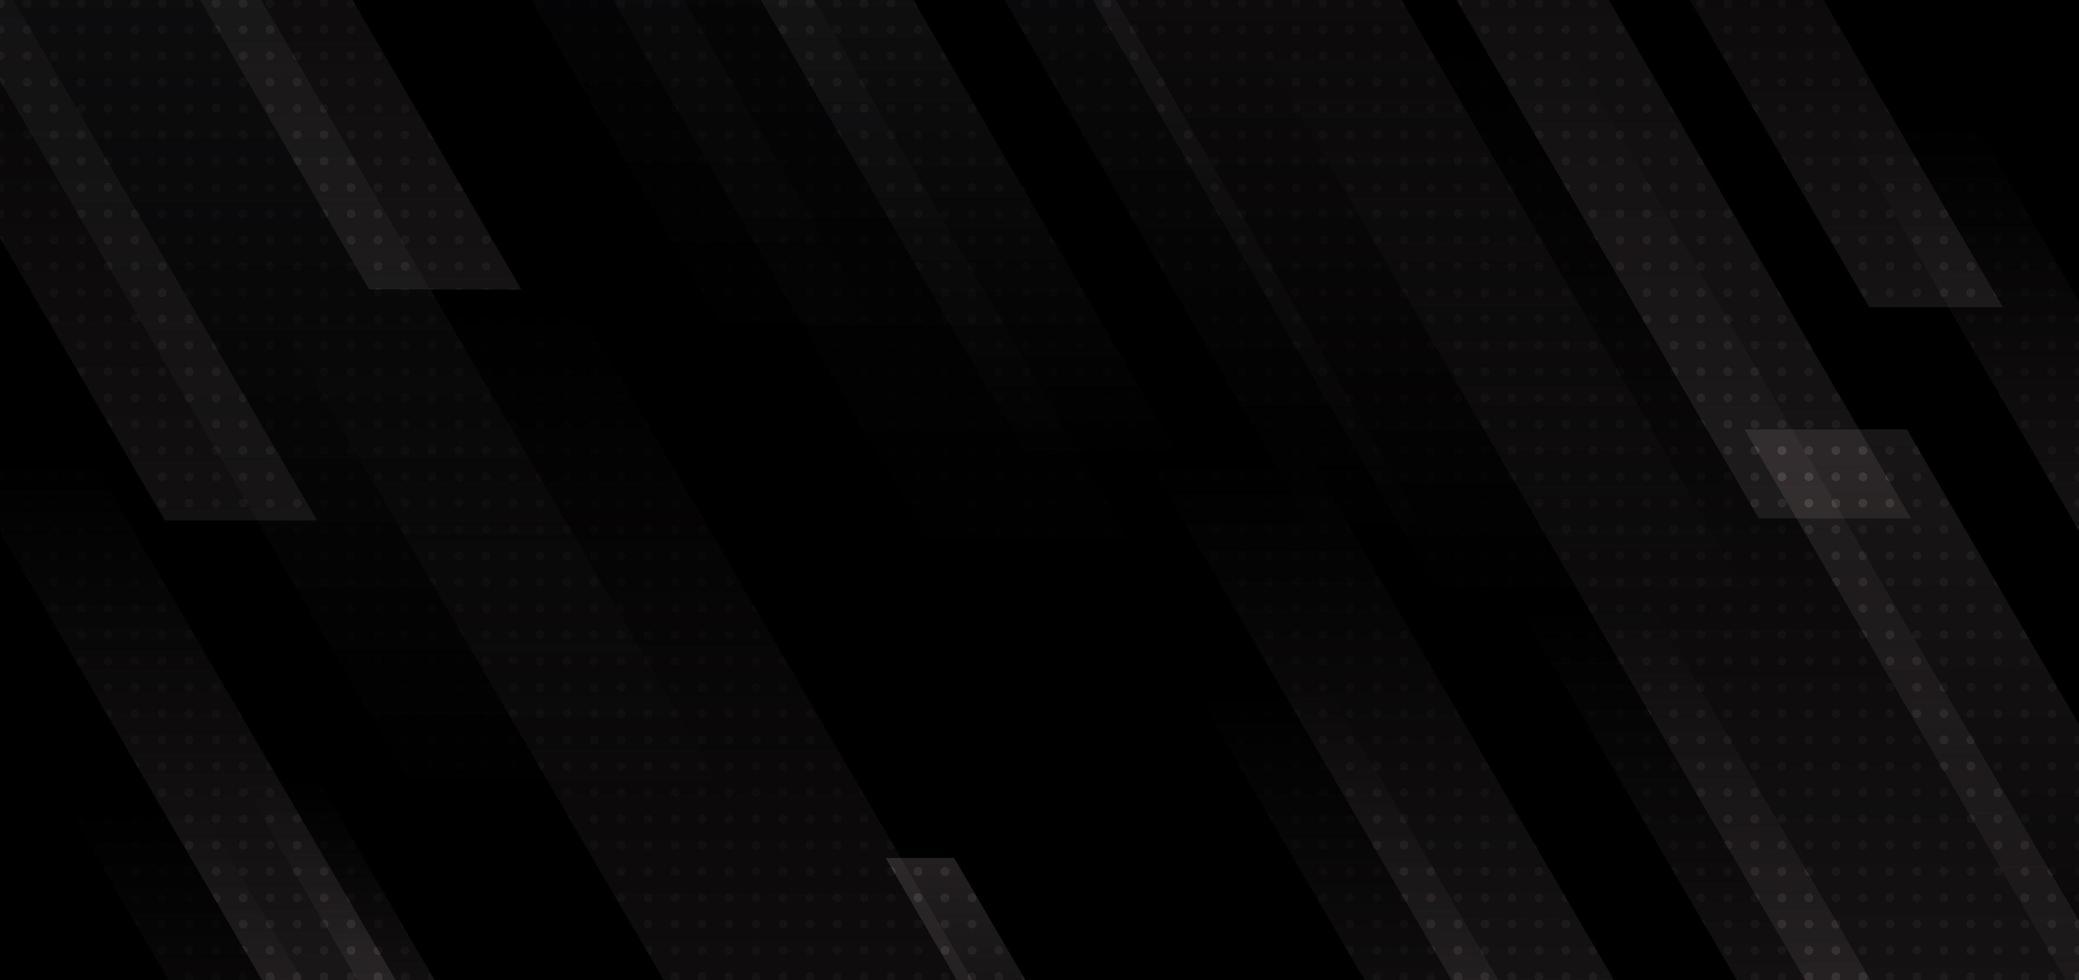 abstrakte moderne schwarze Streifen geometrische diagonale Linien auf dunklem Hintergrund. vektor